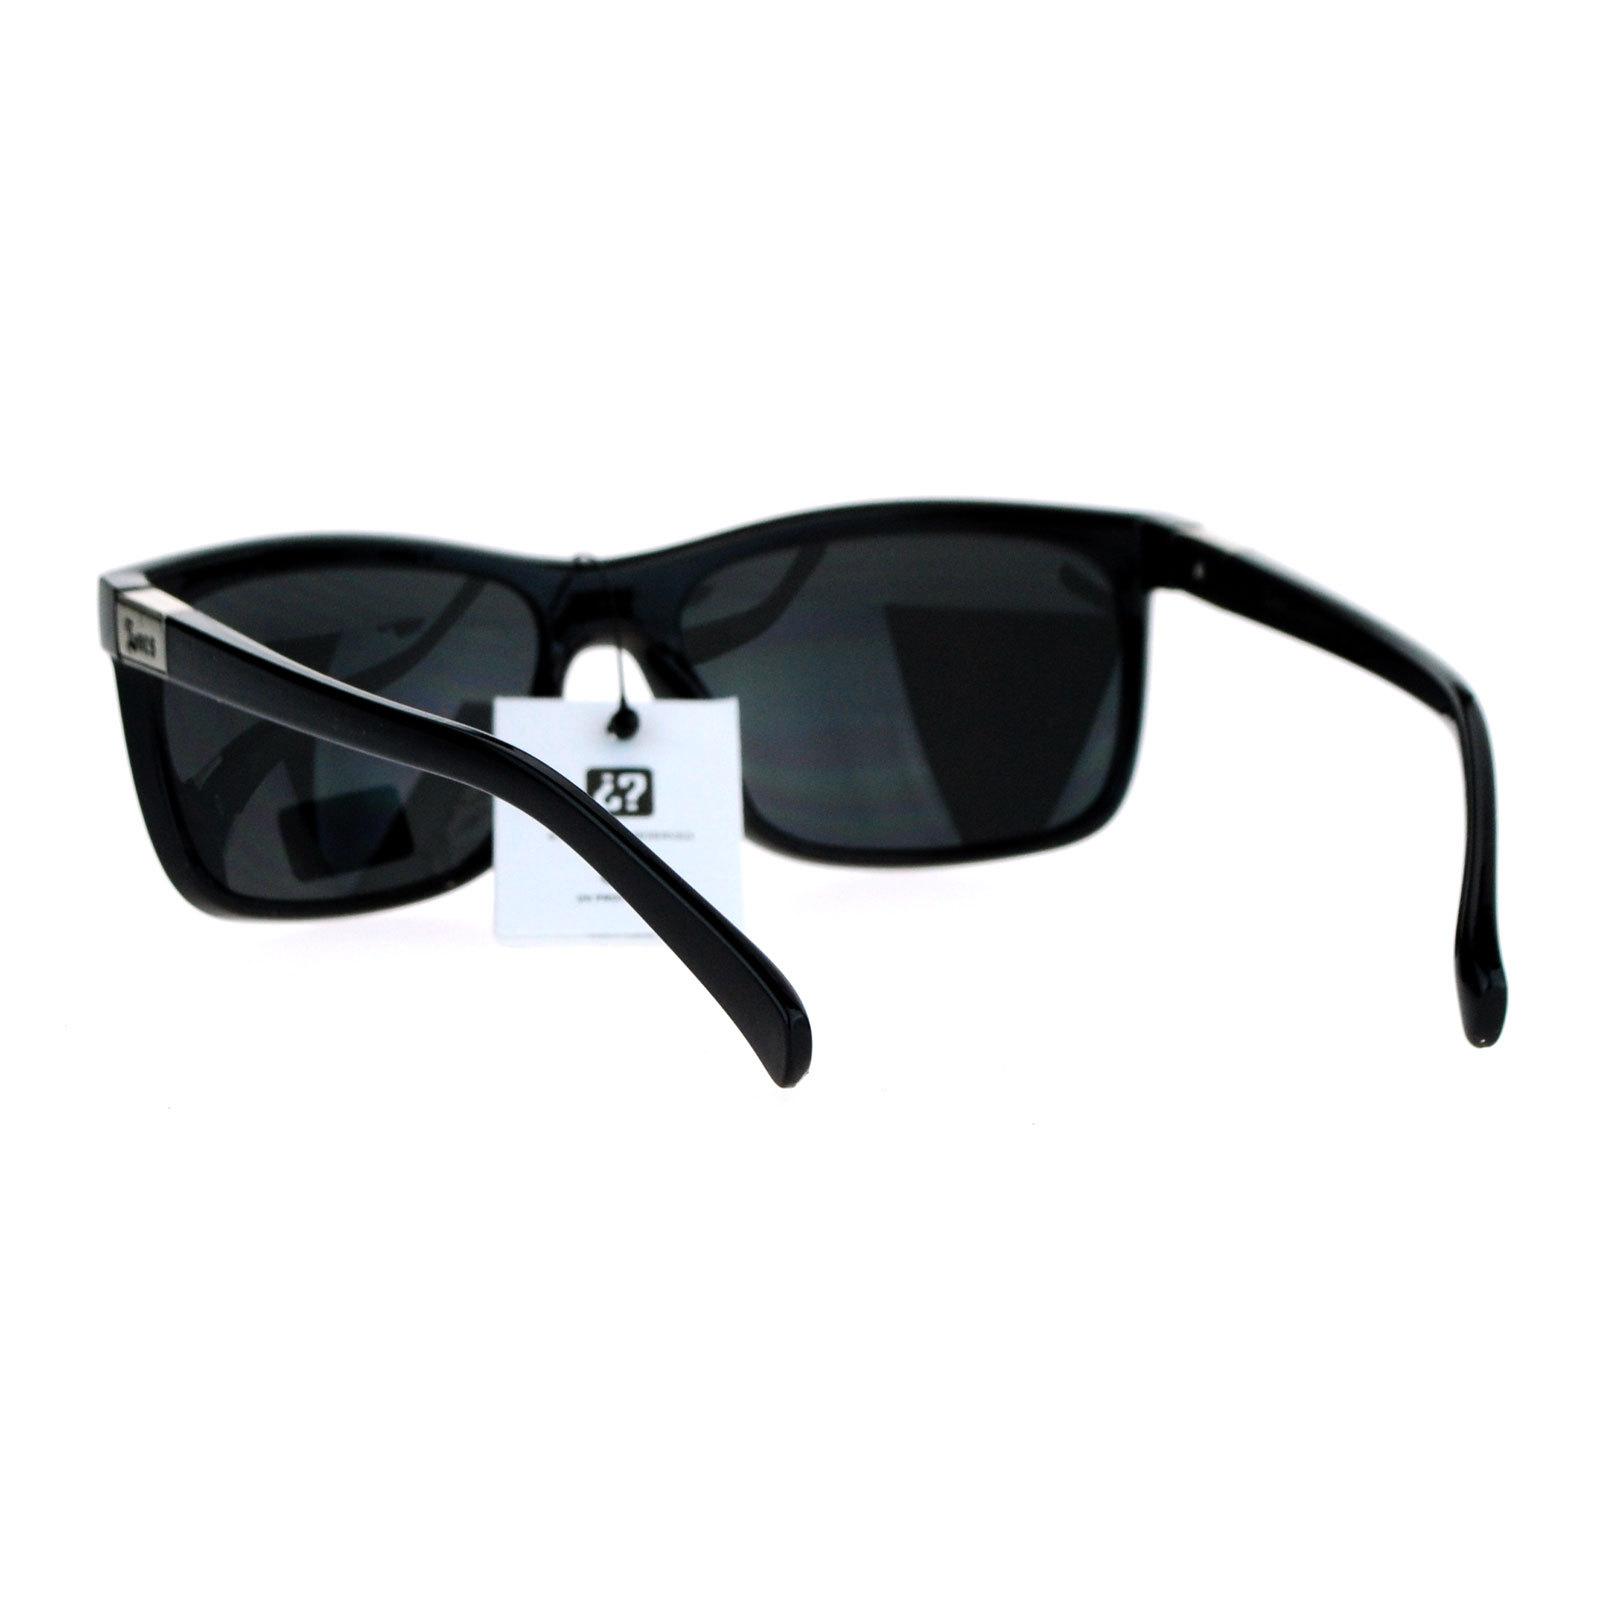 b3ede20b4f Locs Sunglasses For Women